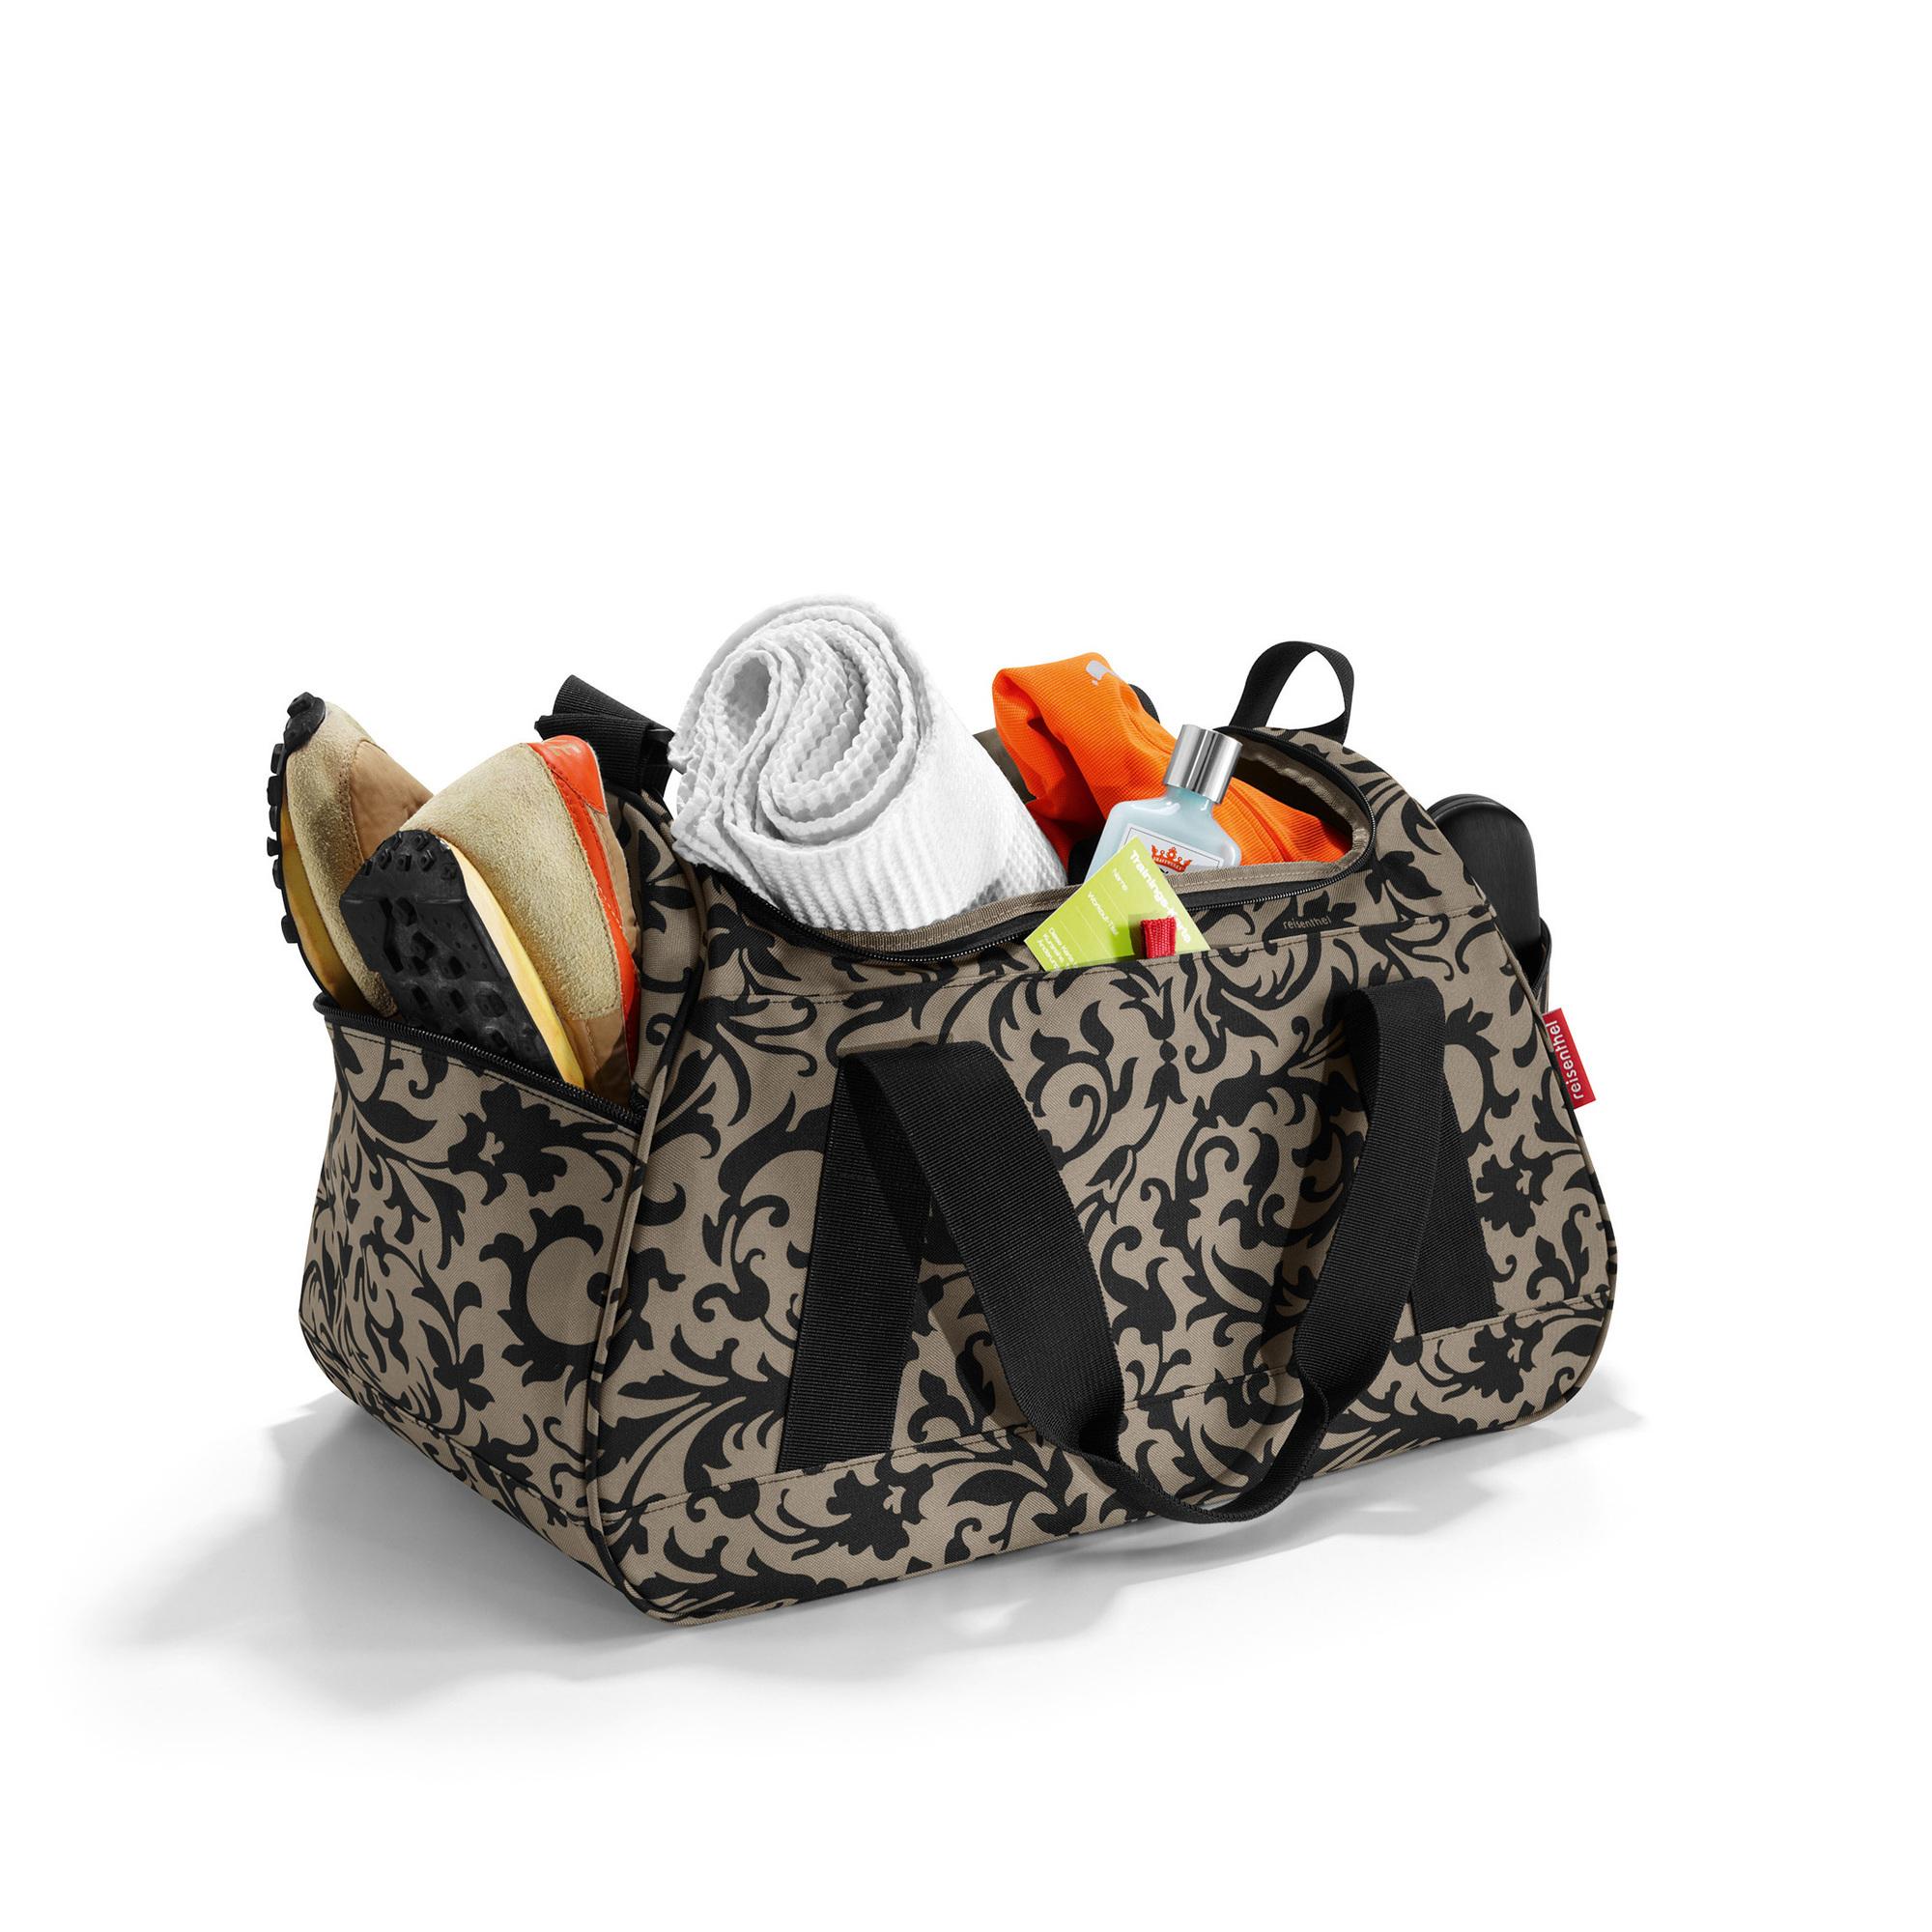 reisenthel activitybag baroque taupe sporttasche reisetasche saunatasche ebay. Black Bedroom Furniture Sets. Home Design Ideas